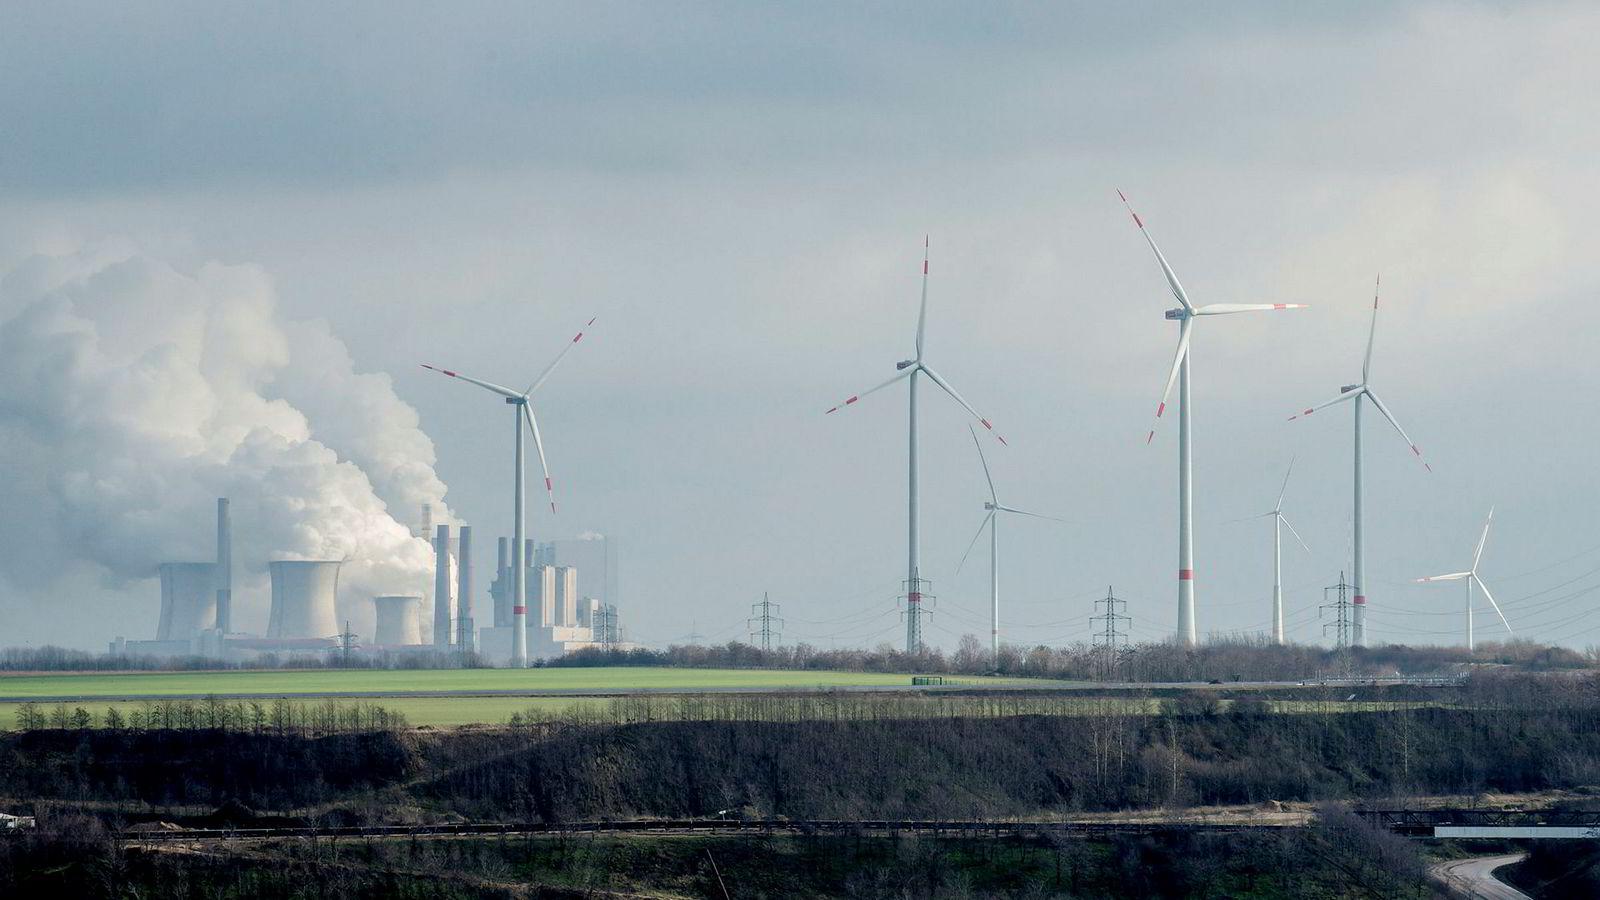 Vindkraft står for en stadig større del av kraftproduksjonen i Europa, men fortsatt er kullkraftverkene i drift – som i Tyskland, der dette bildet er tatt. Utveksling av elektrisk kraft mellom Norge og Danmark, har hatt en betydelig positiv effekt for vern av klimaet.